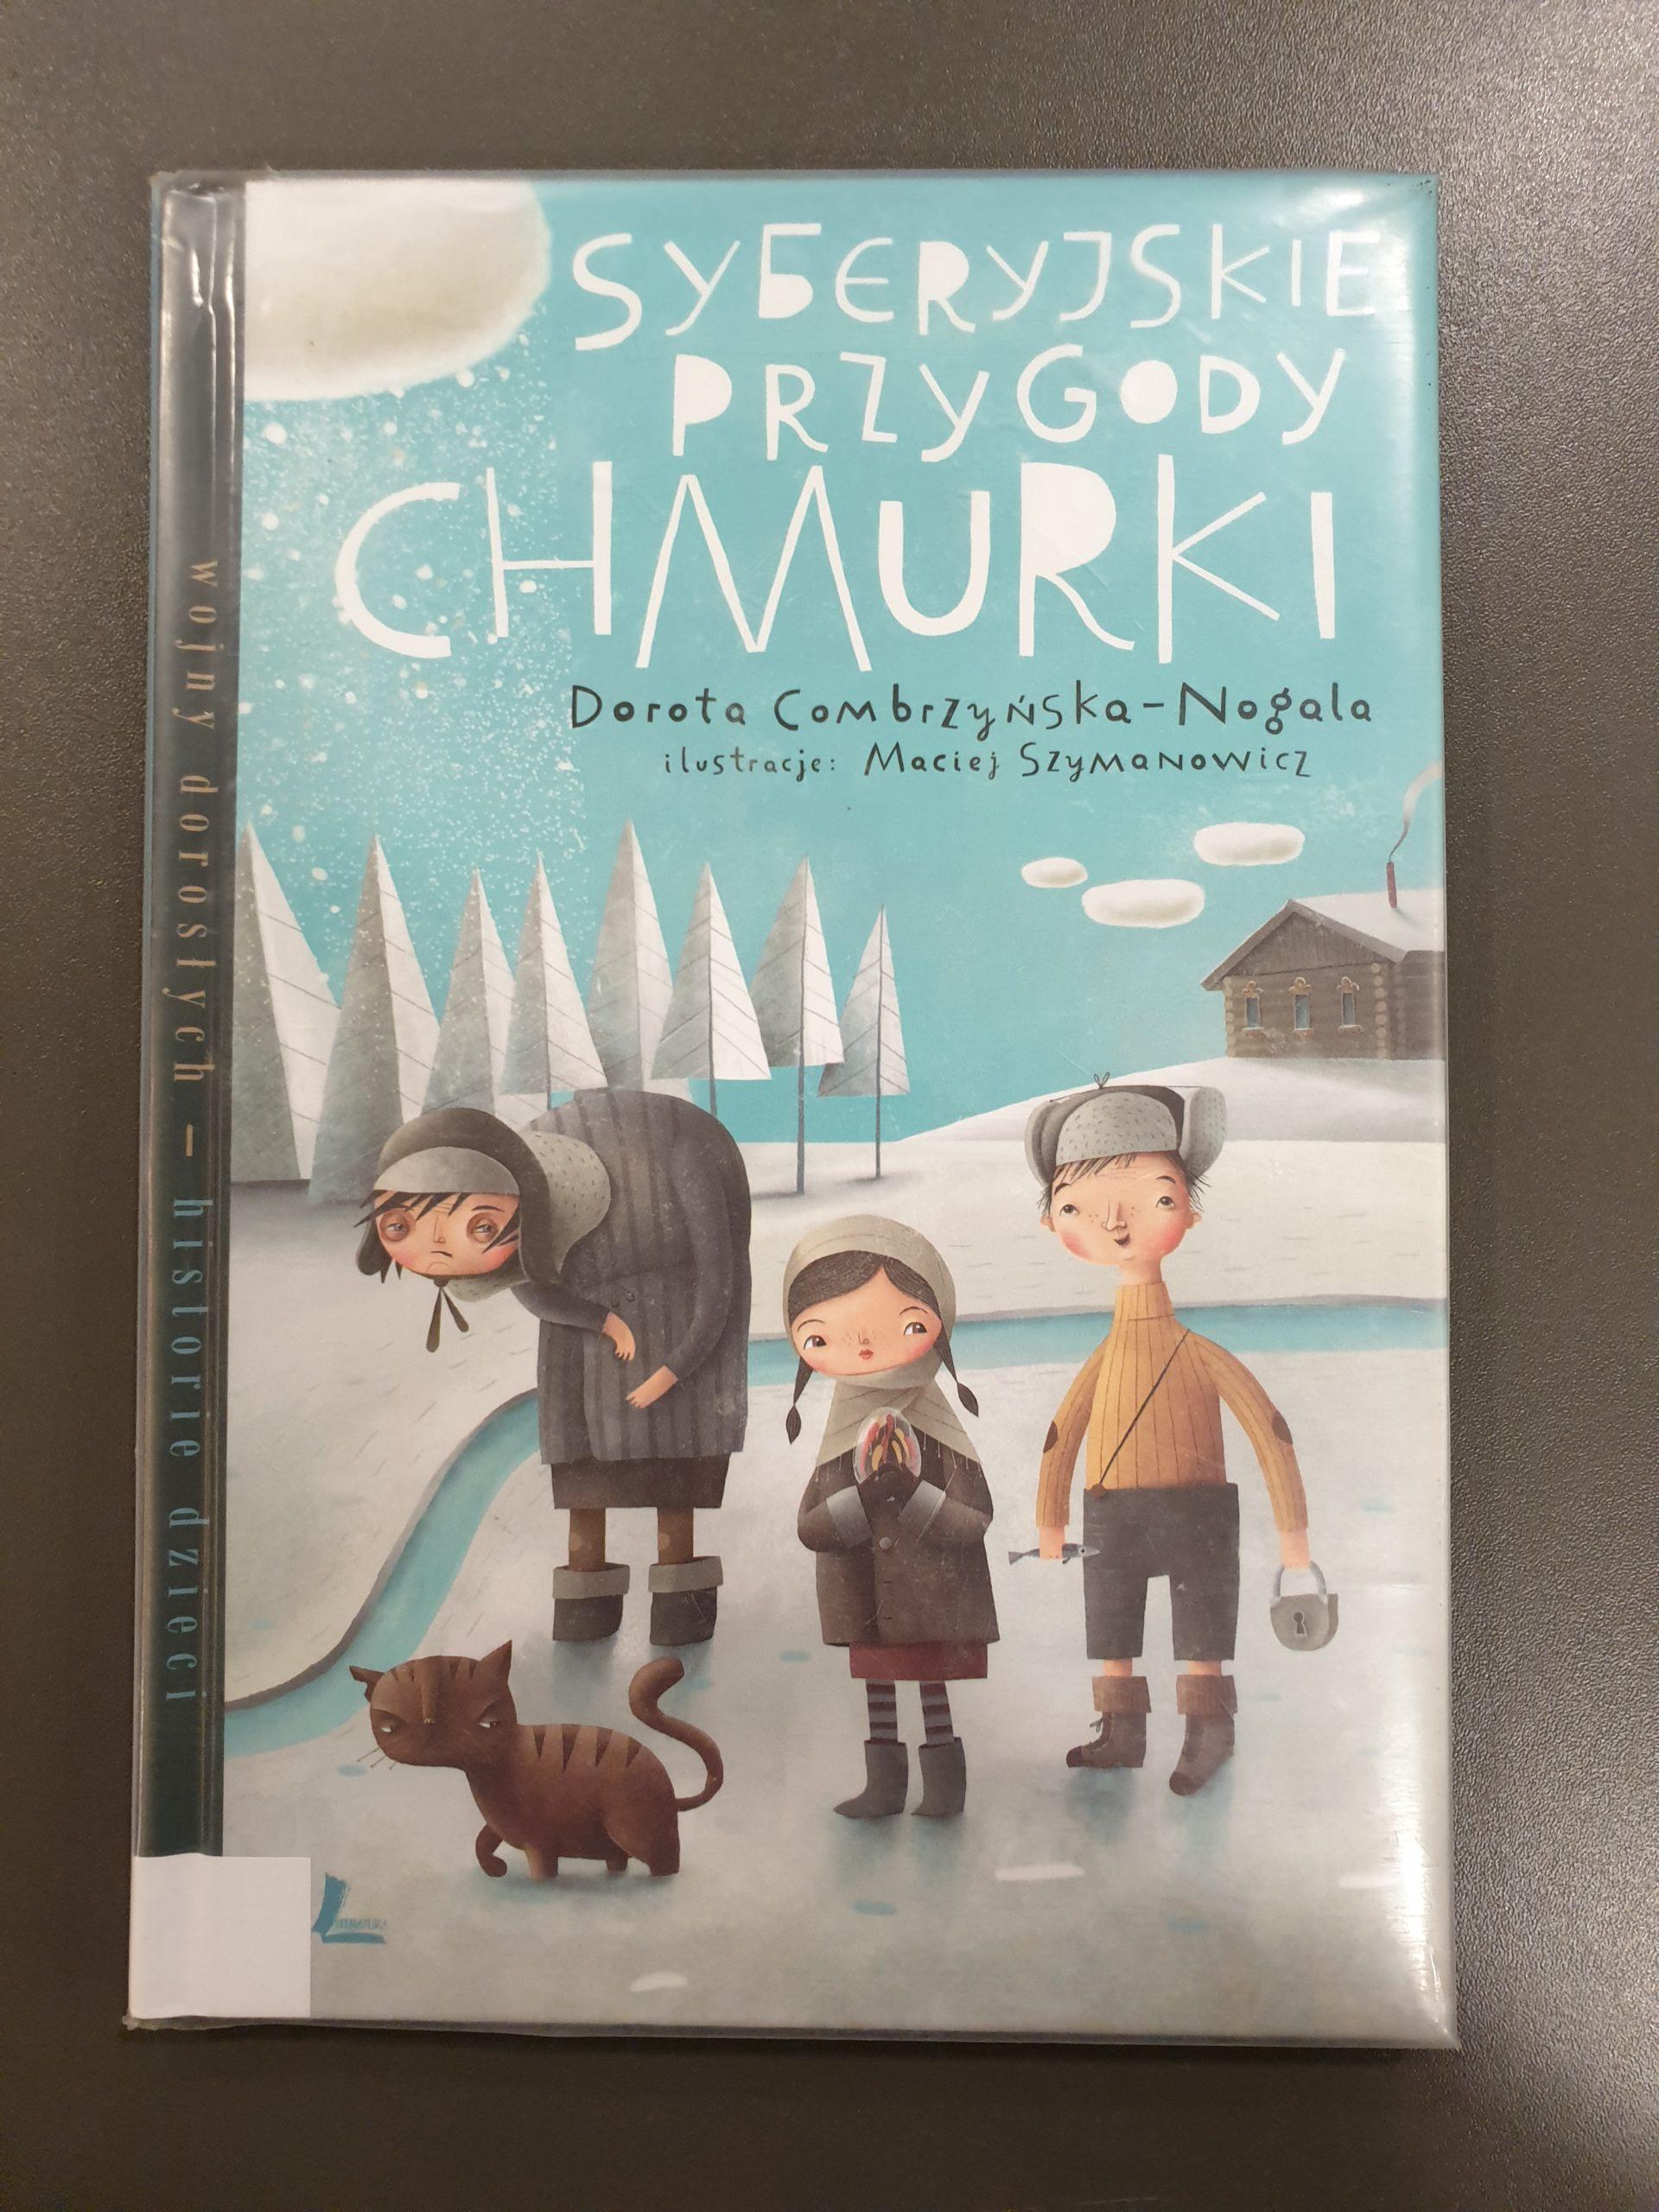 Okładka książki pod tytułem Syberyjskie przygody Chmurki